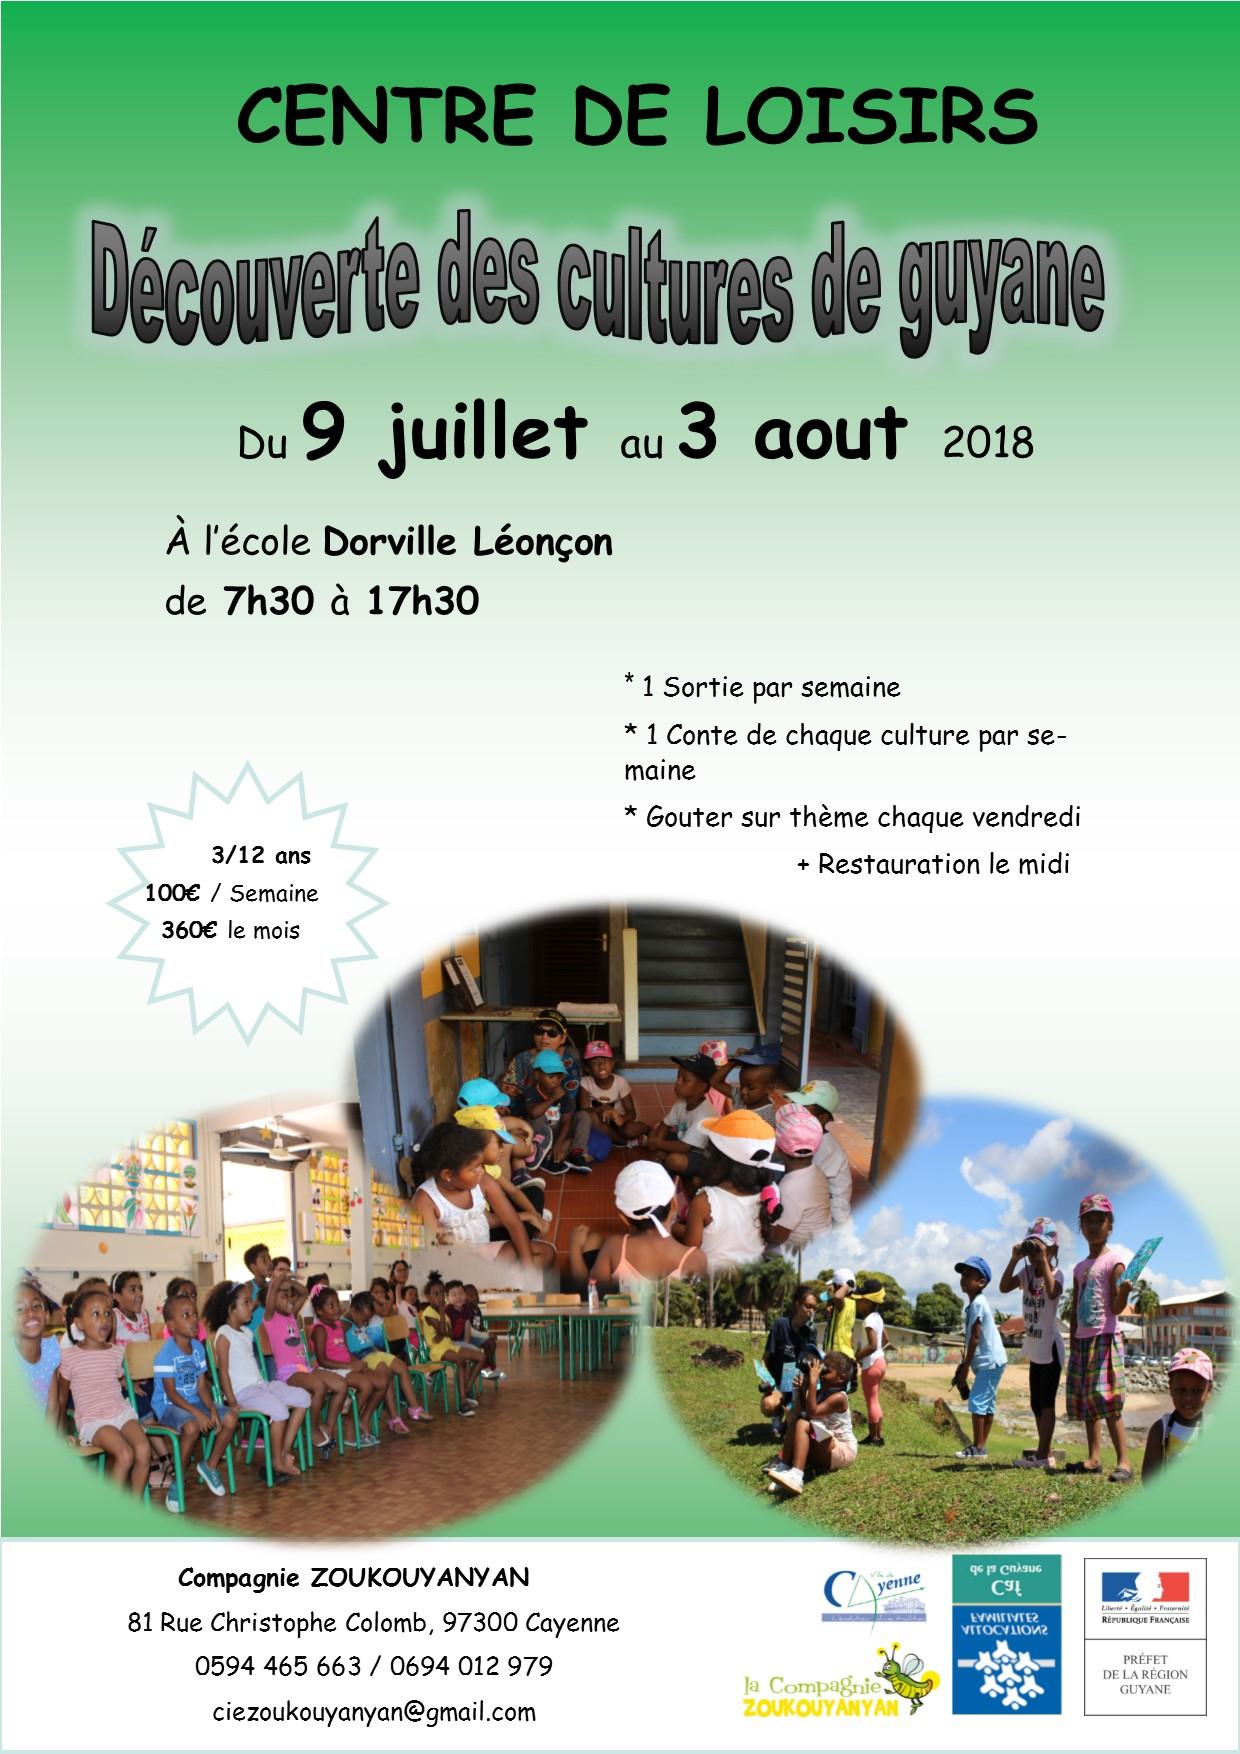 affcihe centre de loisir 2018 2